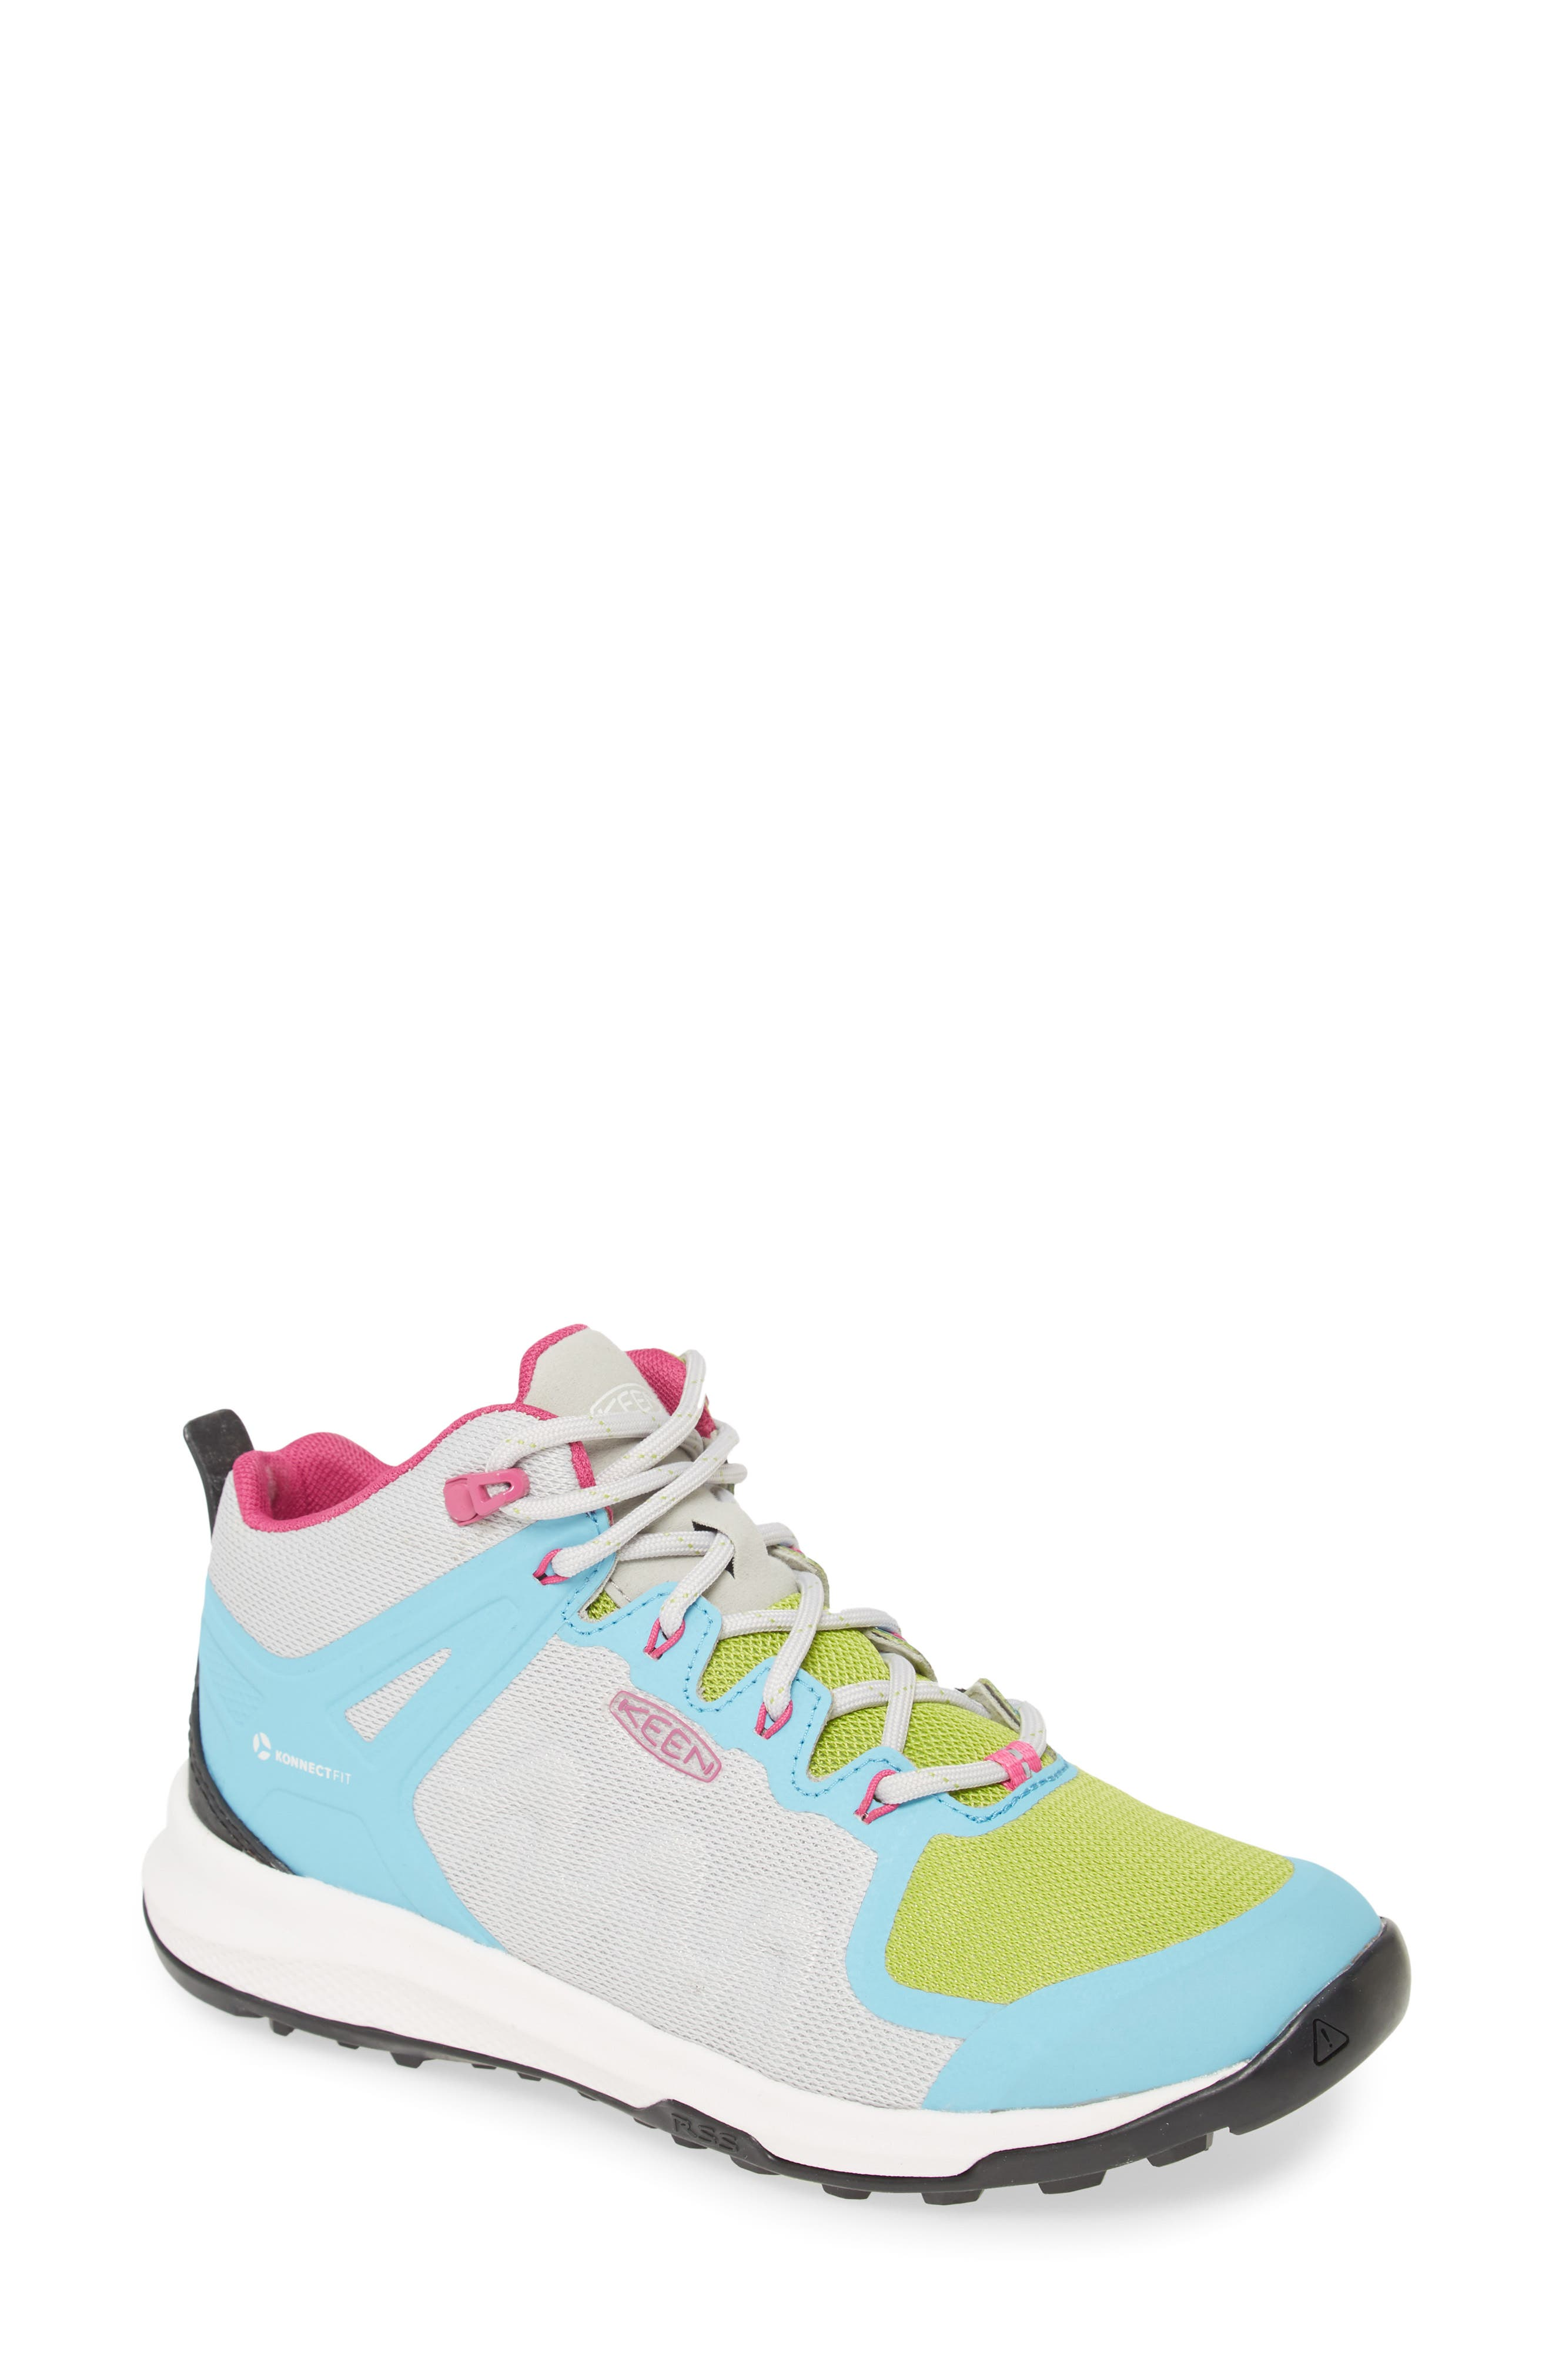 Explore Vent Mid Top Sneaker